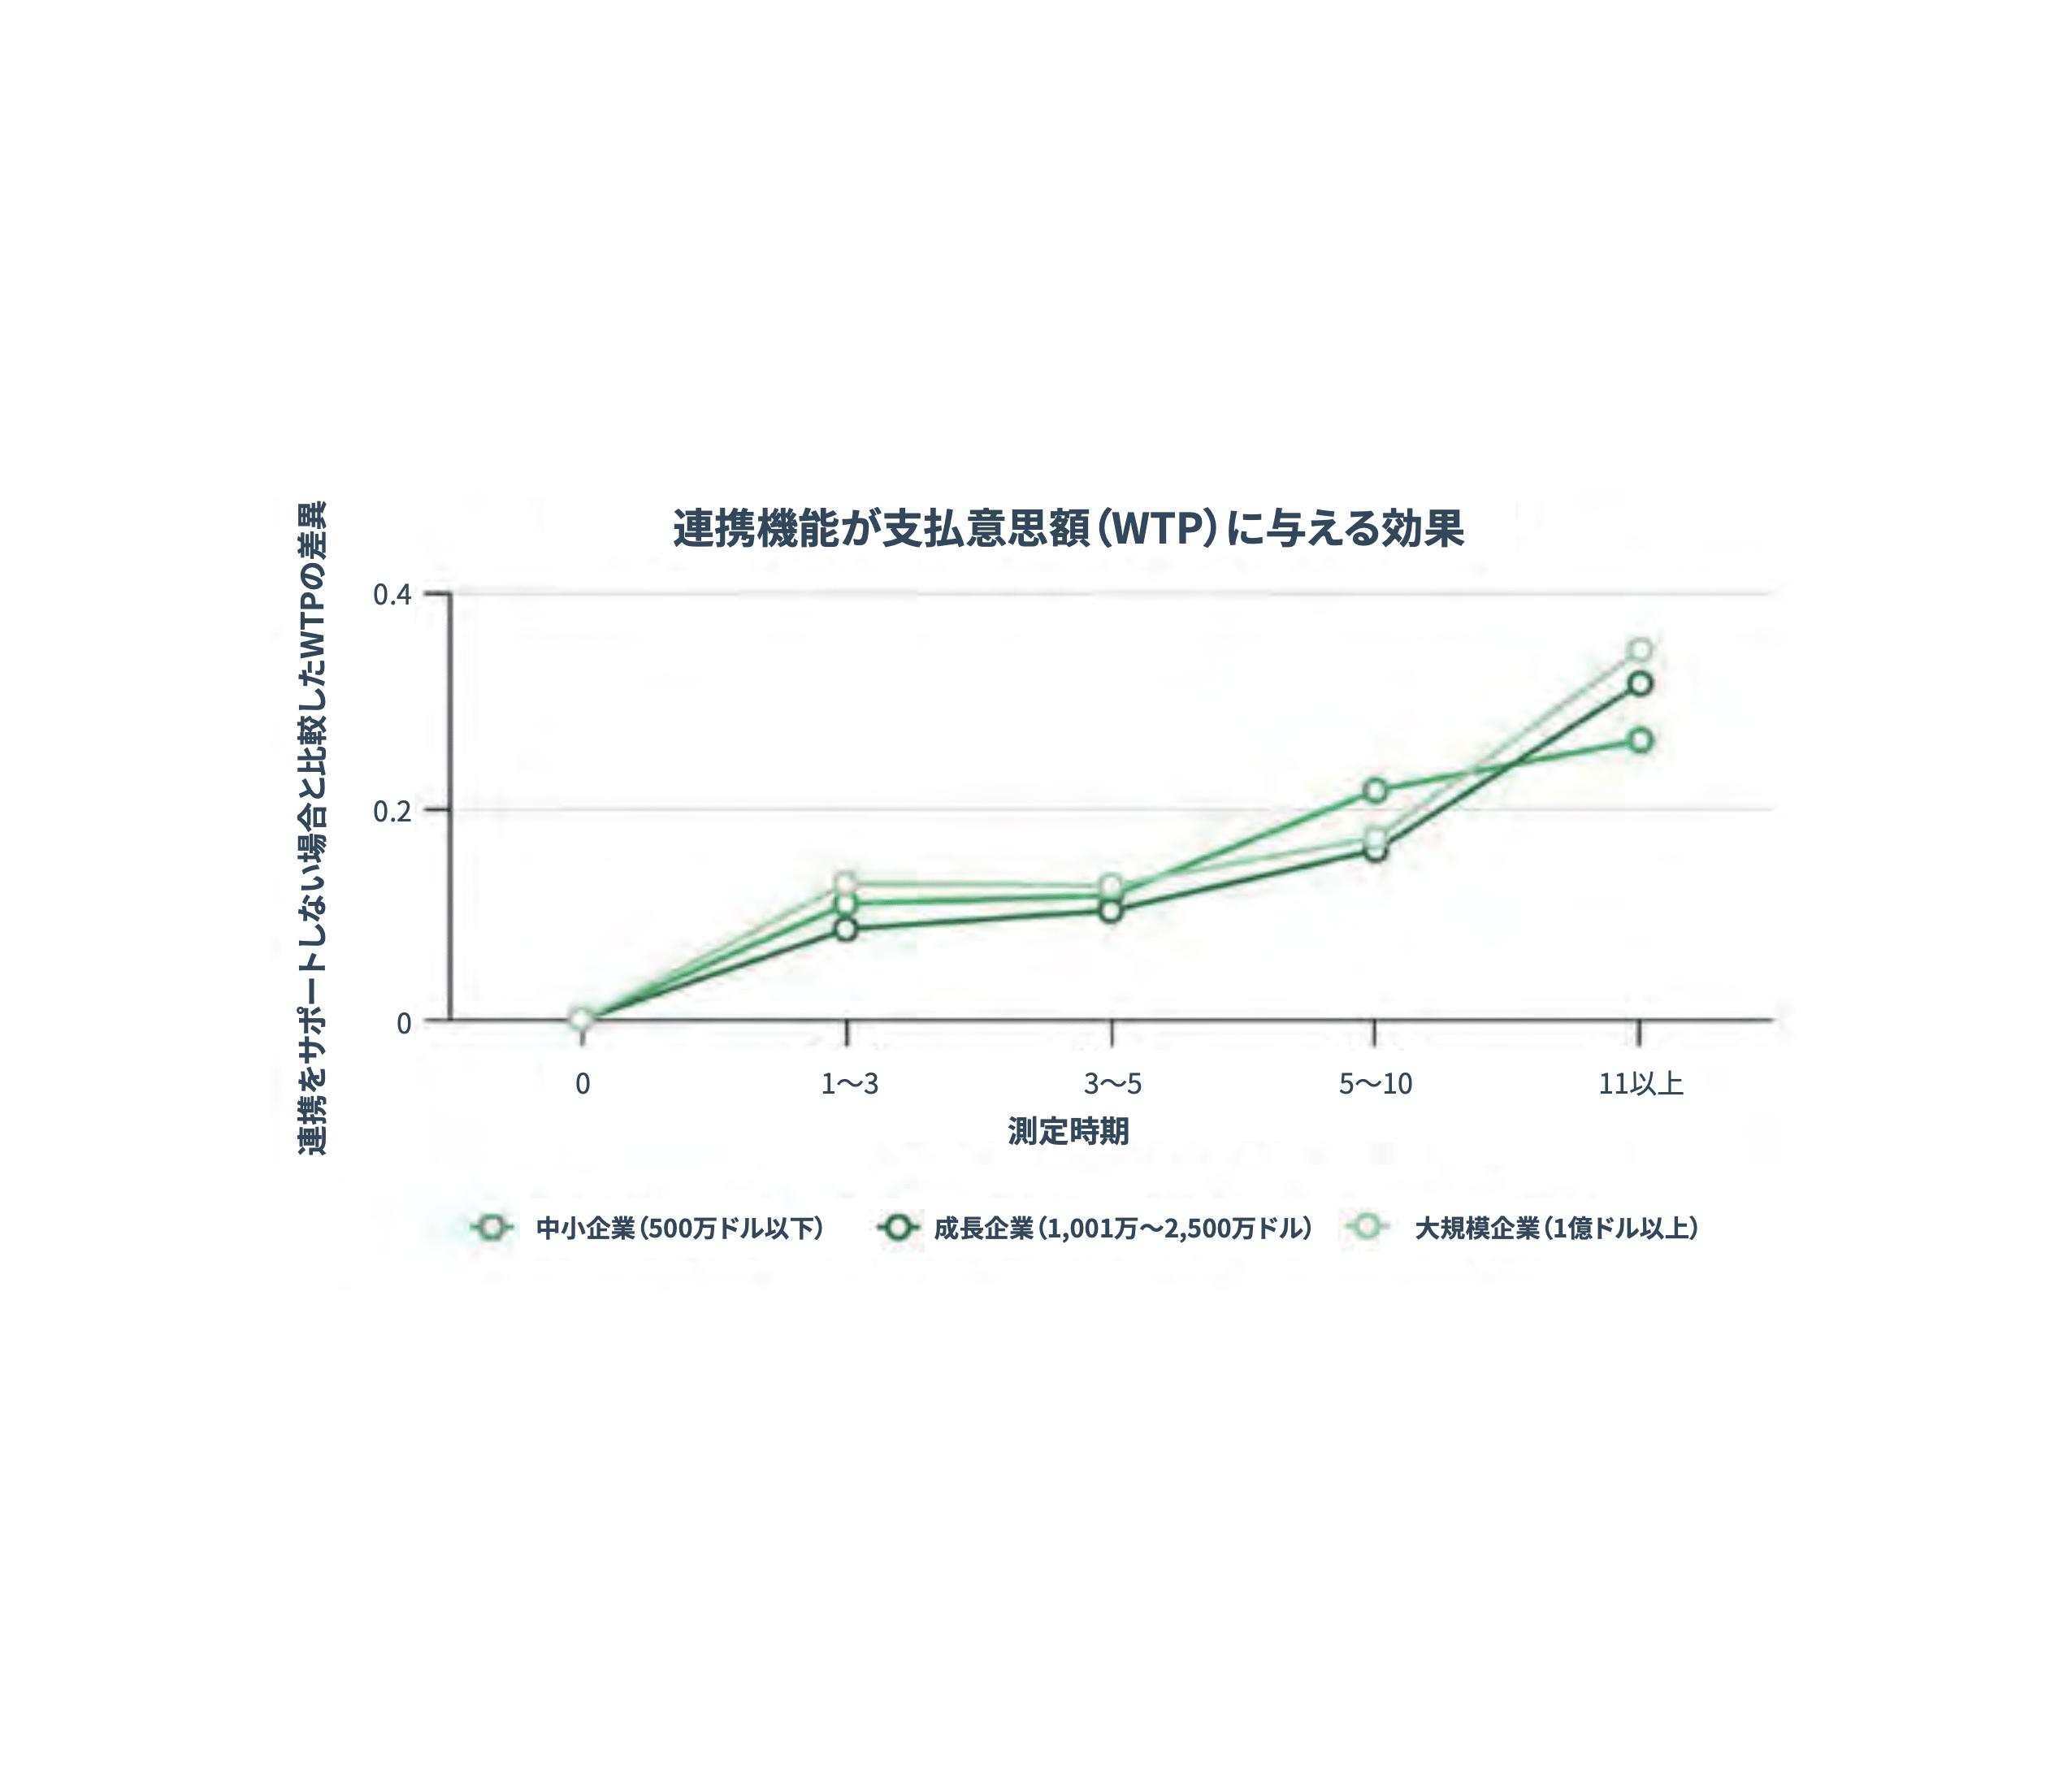 レベニューオペレーション最新動向レポート_02